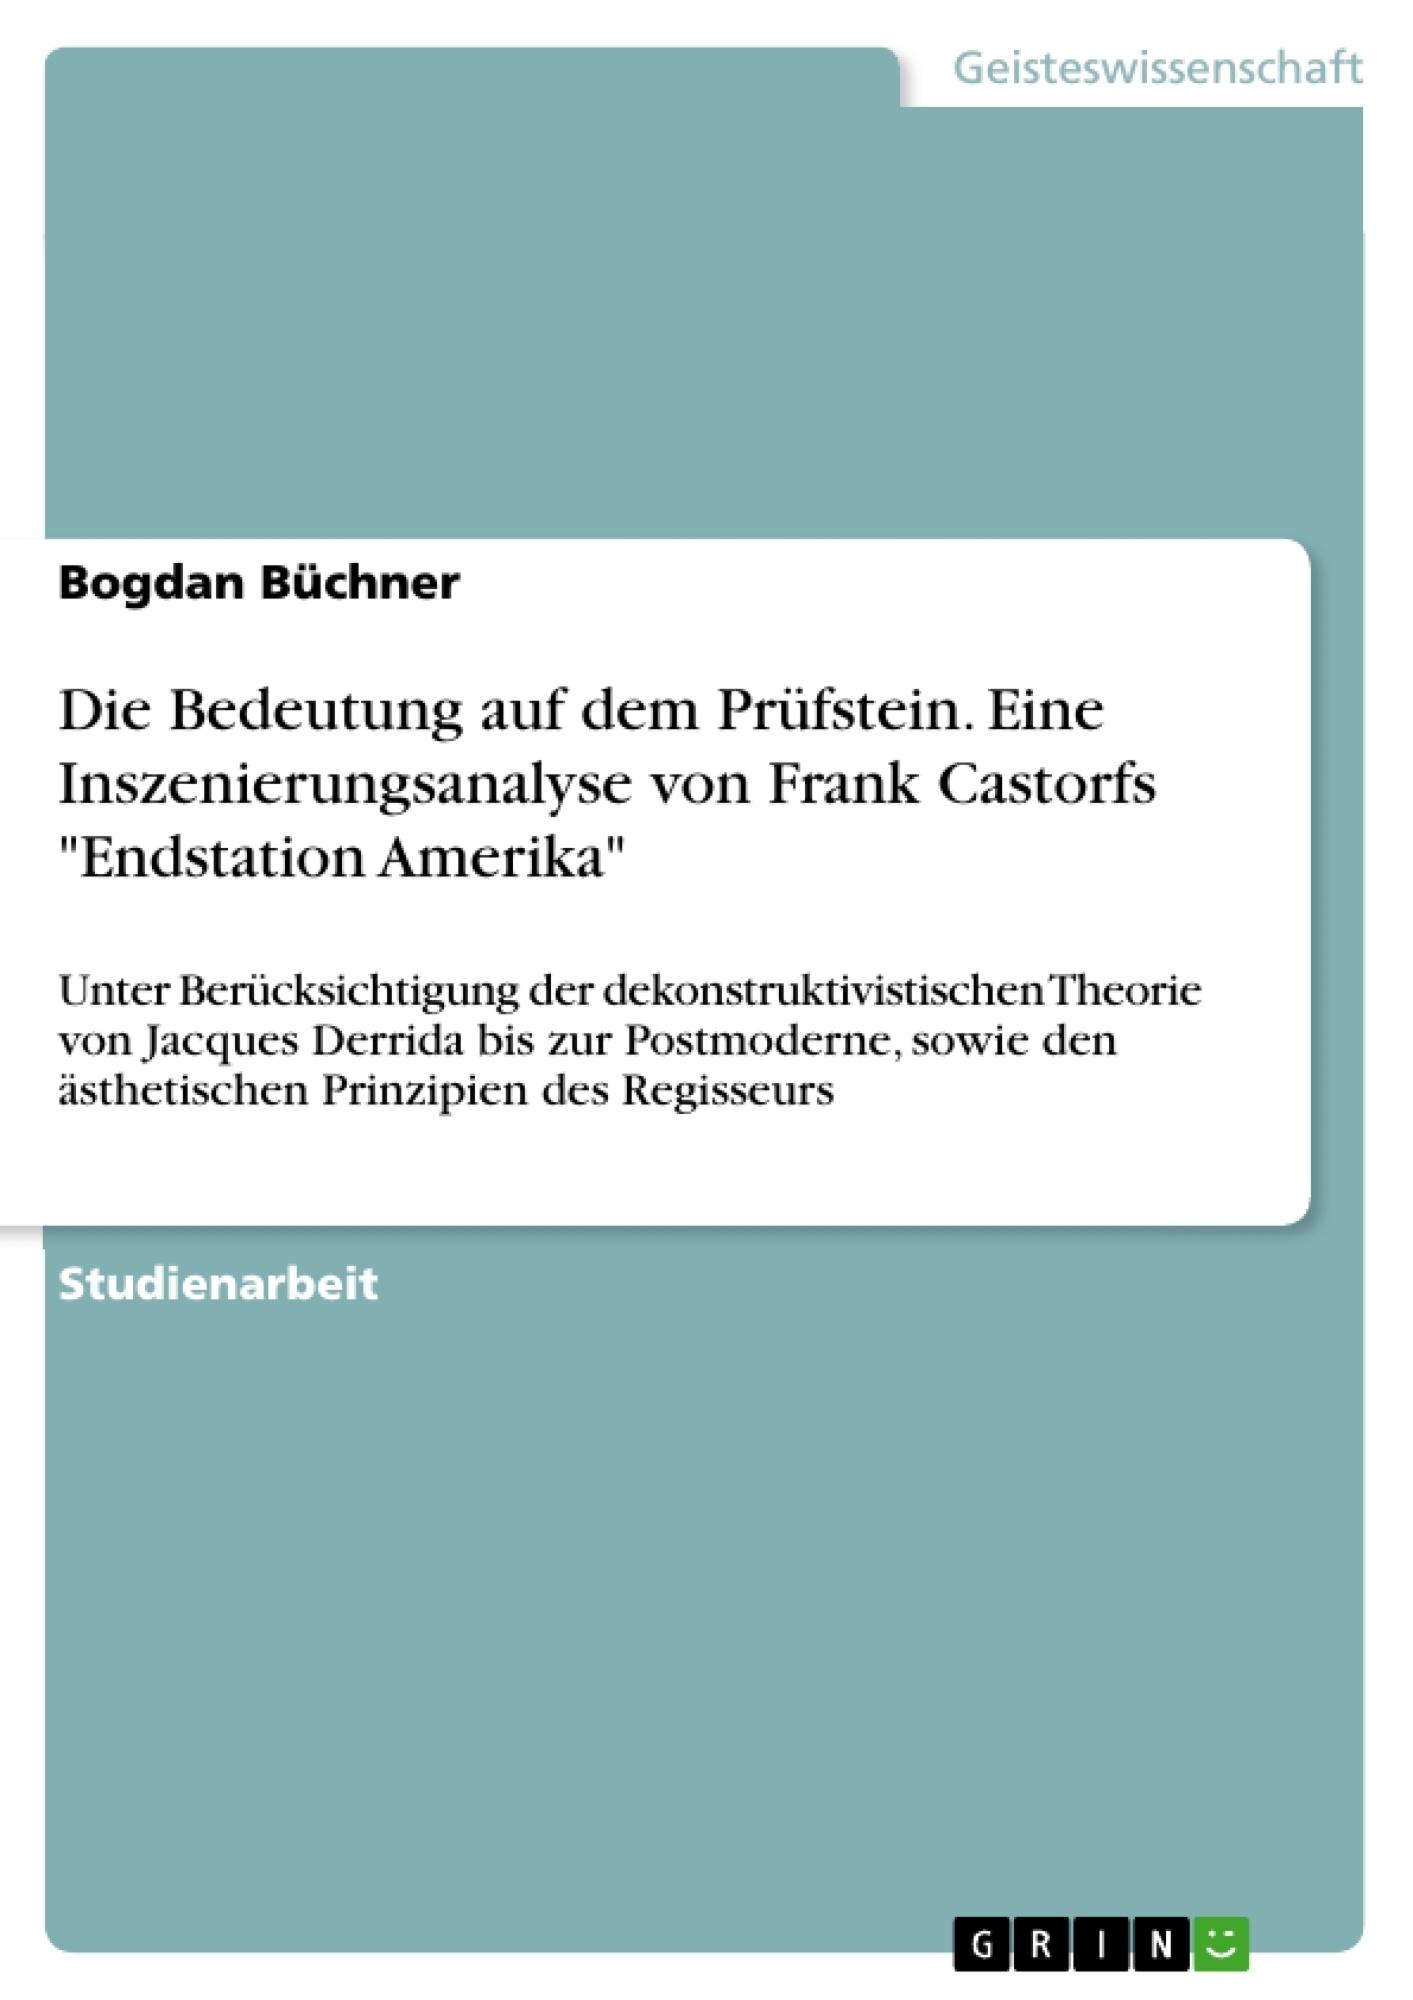 """Titel: Die Bedeutung auf dem Prüfstein. Eine Inszenierungsanalyse von Frank Castorfs """"Endstation Amerika"""""""